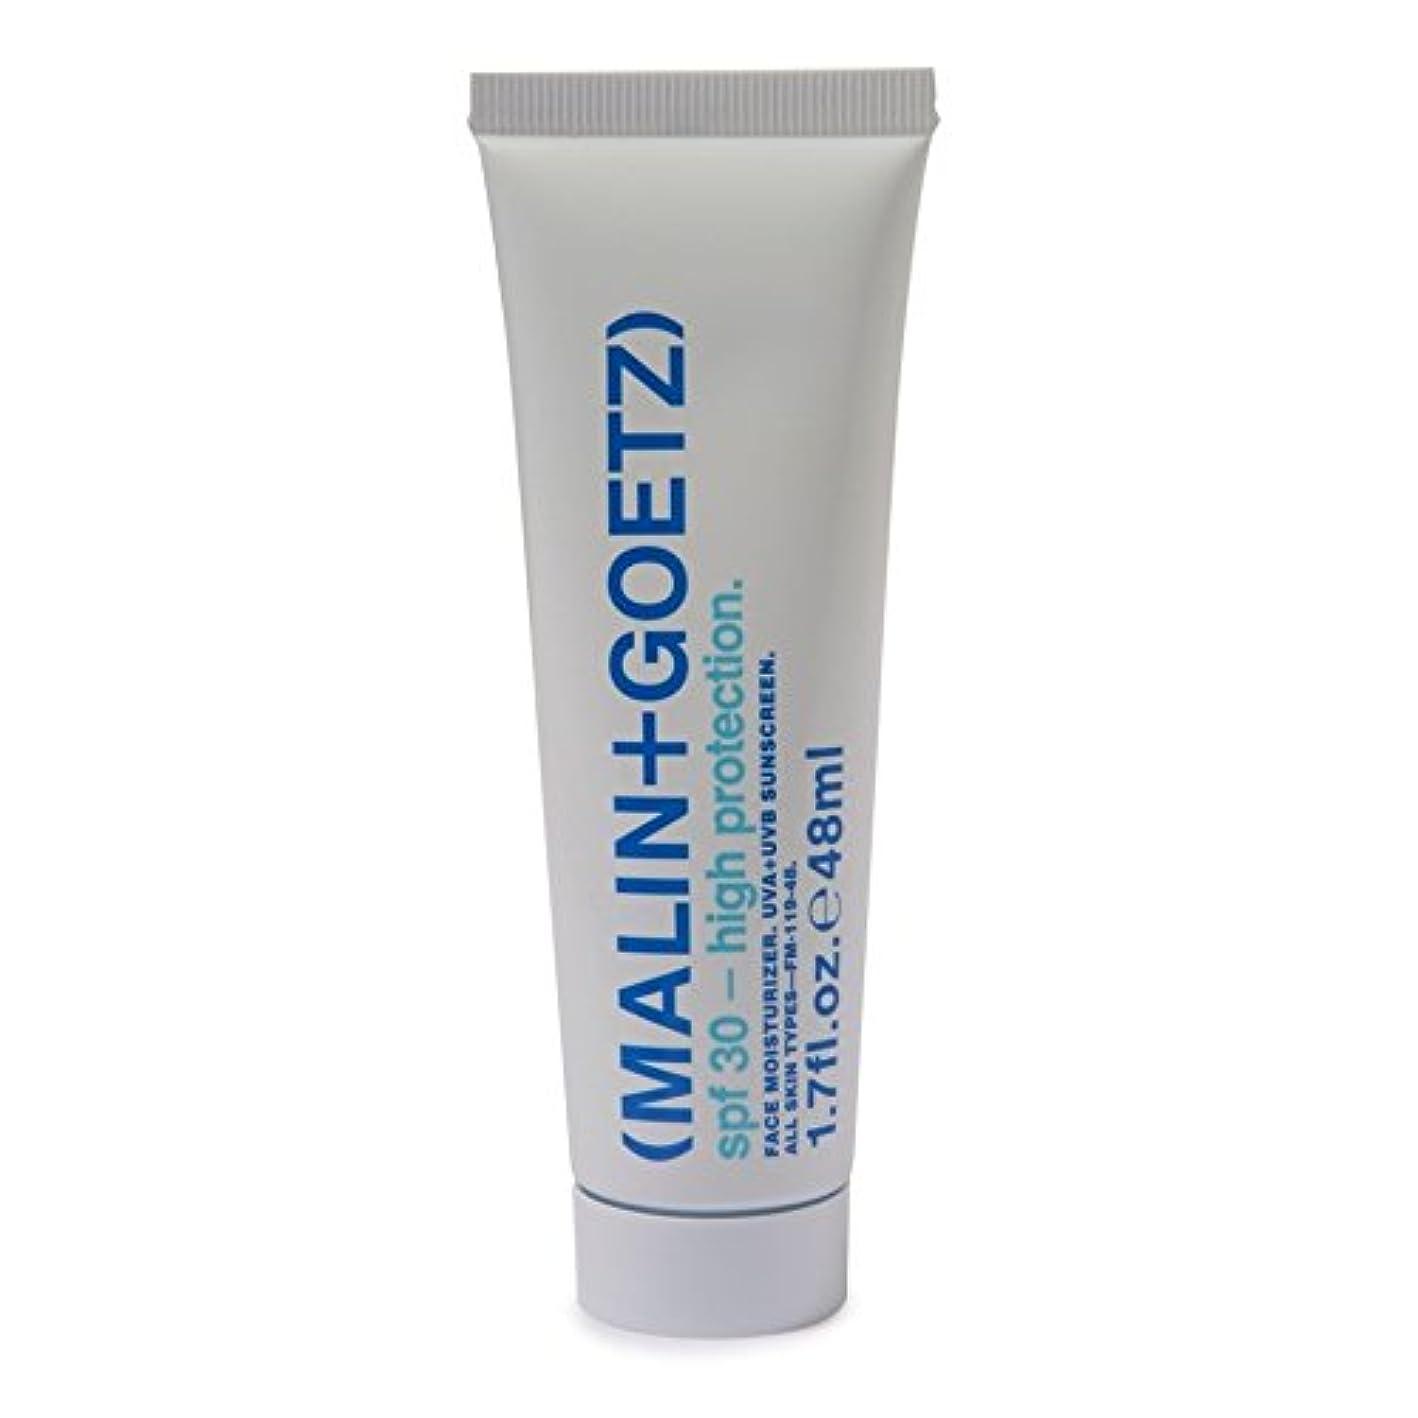 精通した取り壊すサドルMALIN+GOETZ Face Moisturiser SPF 30 48ml - マリン+ゲッツ顔の保湿剤の 30 48ミリリットル [並行輸入品]